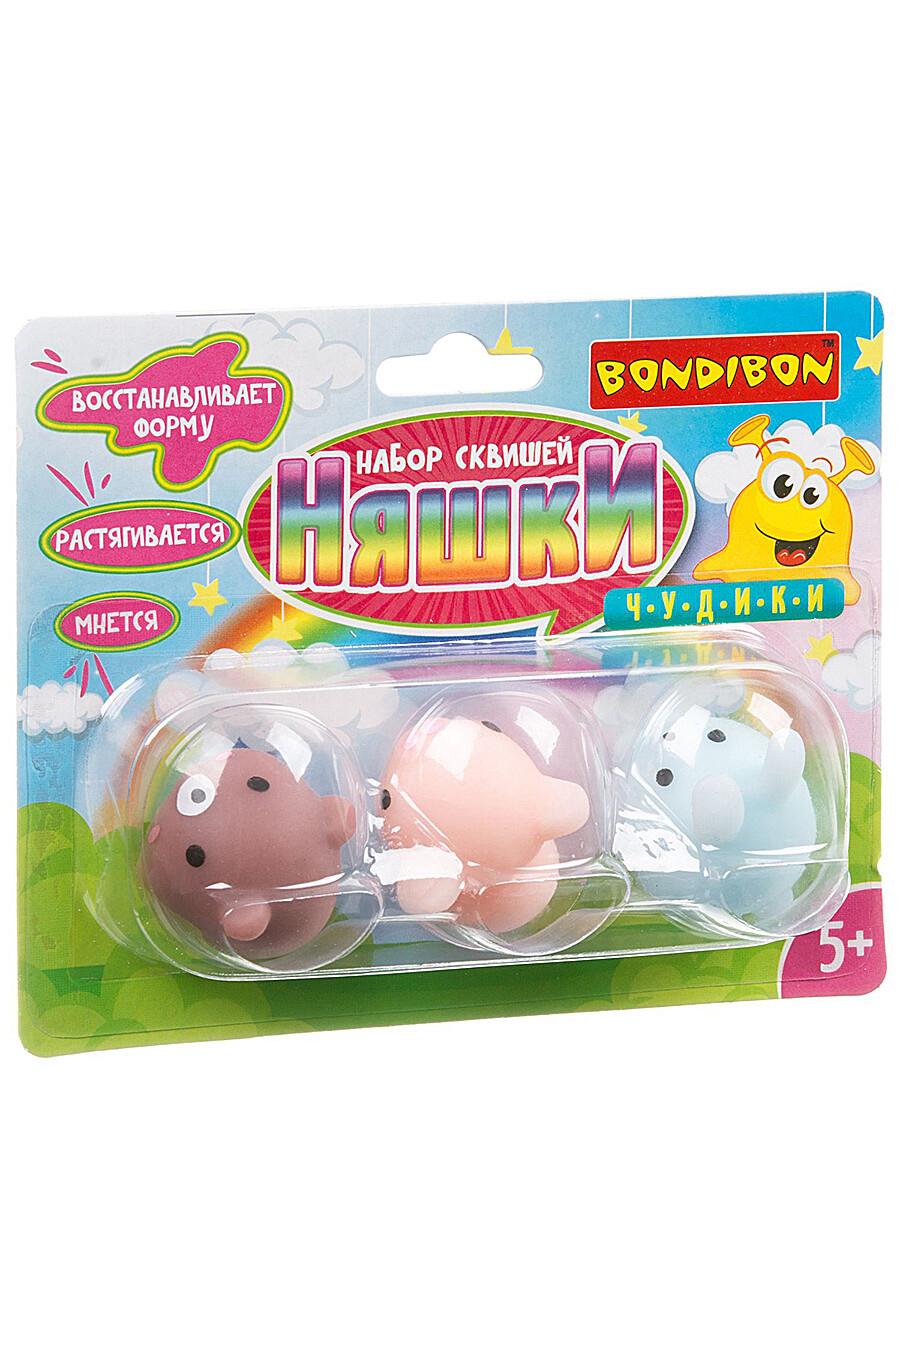 Набор сквишей для детей BONDIBON 156778 купить оптом от производителя. Совместная покупка игрушек в OptMoyo